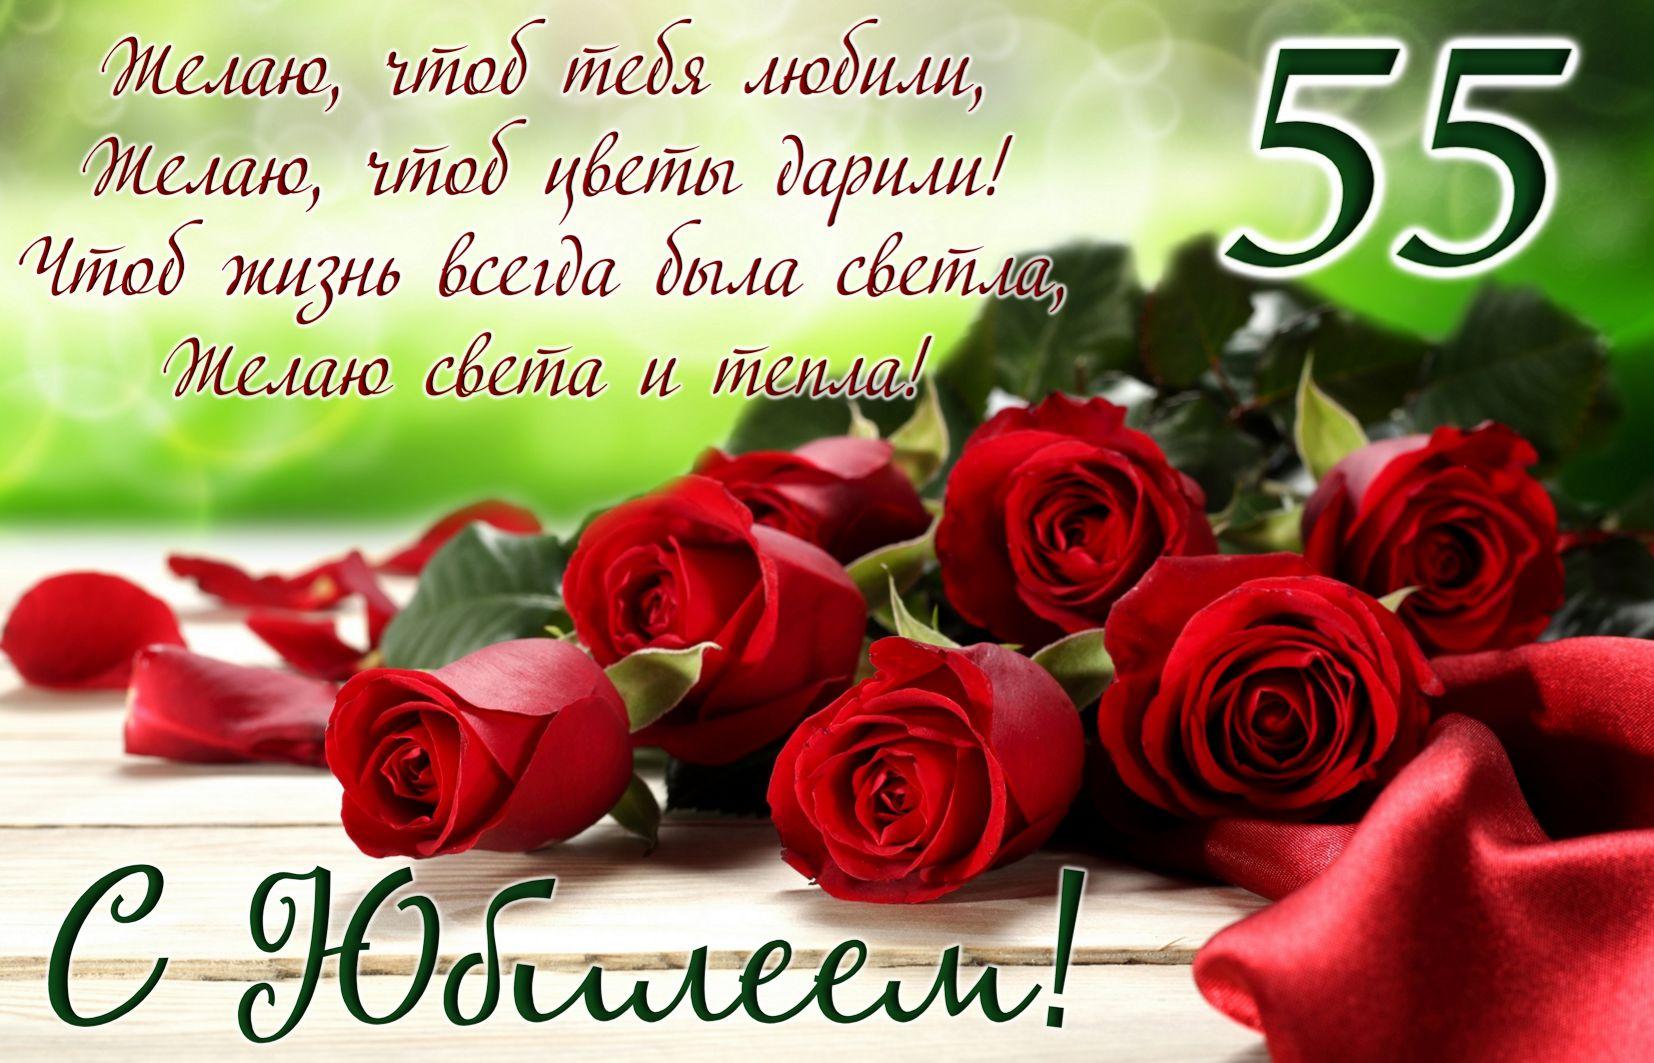 Поздравления 55 лет свет